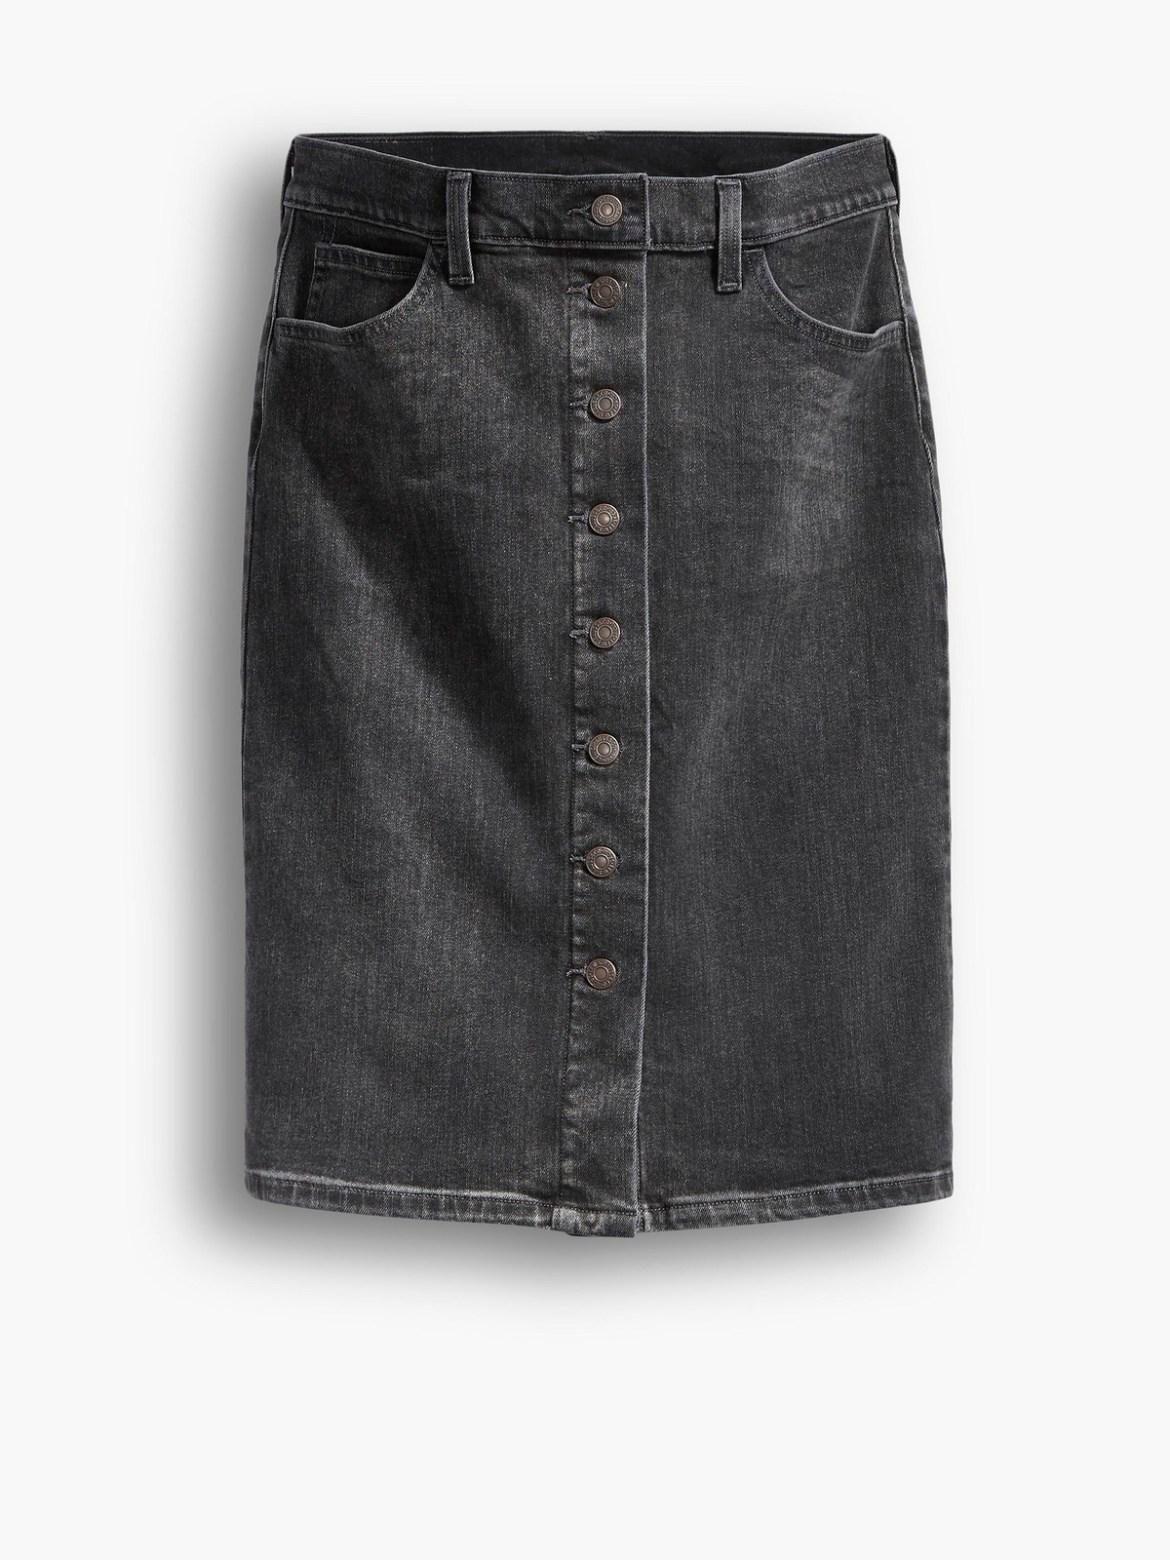 ボタンダウン・スカートの写真例。